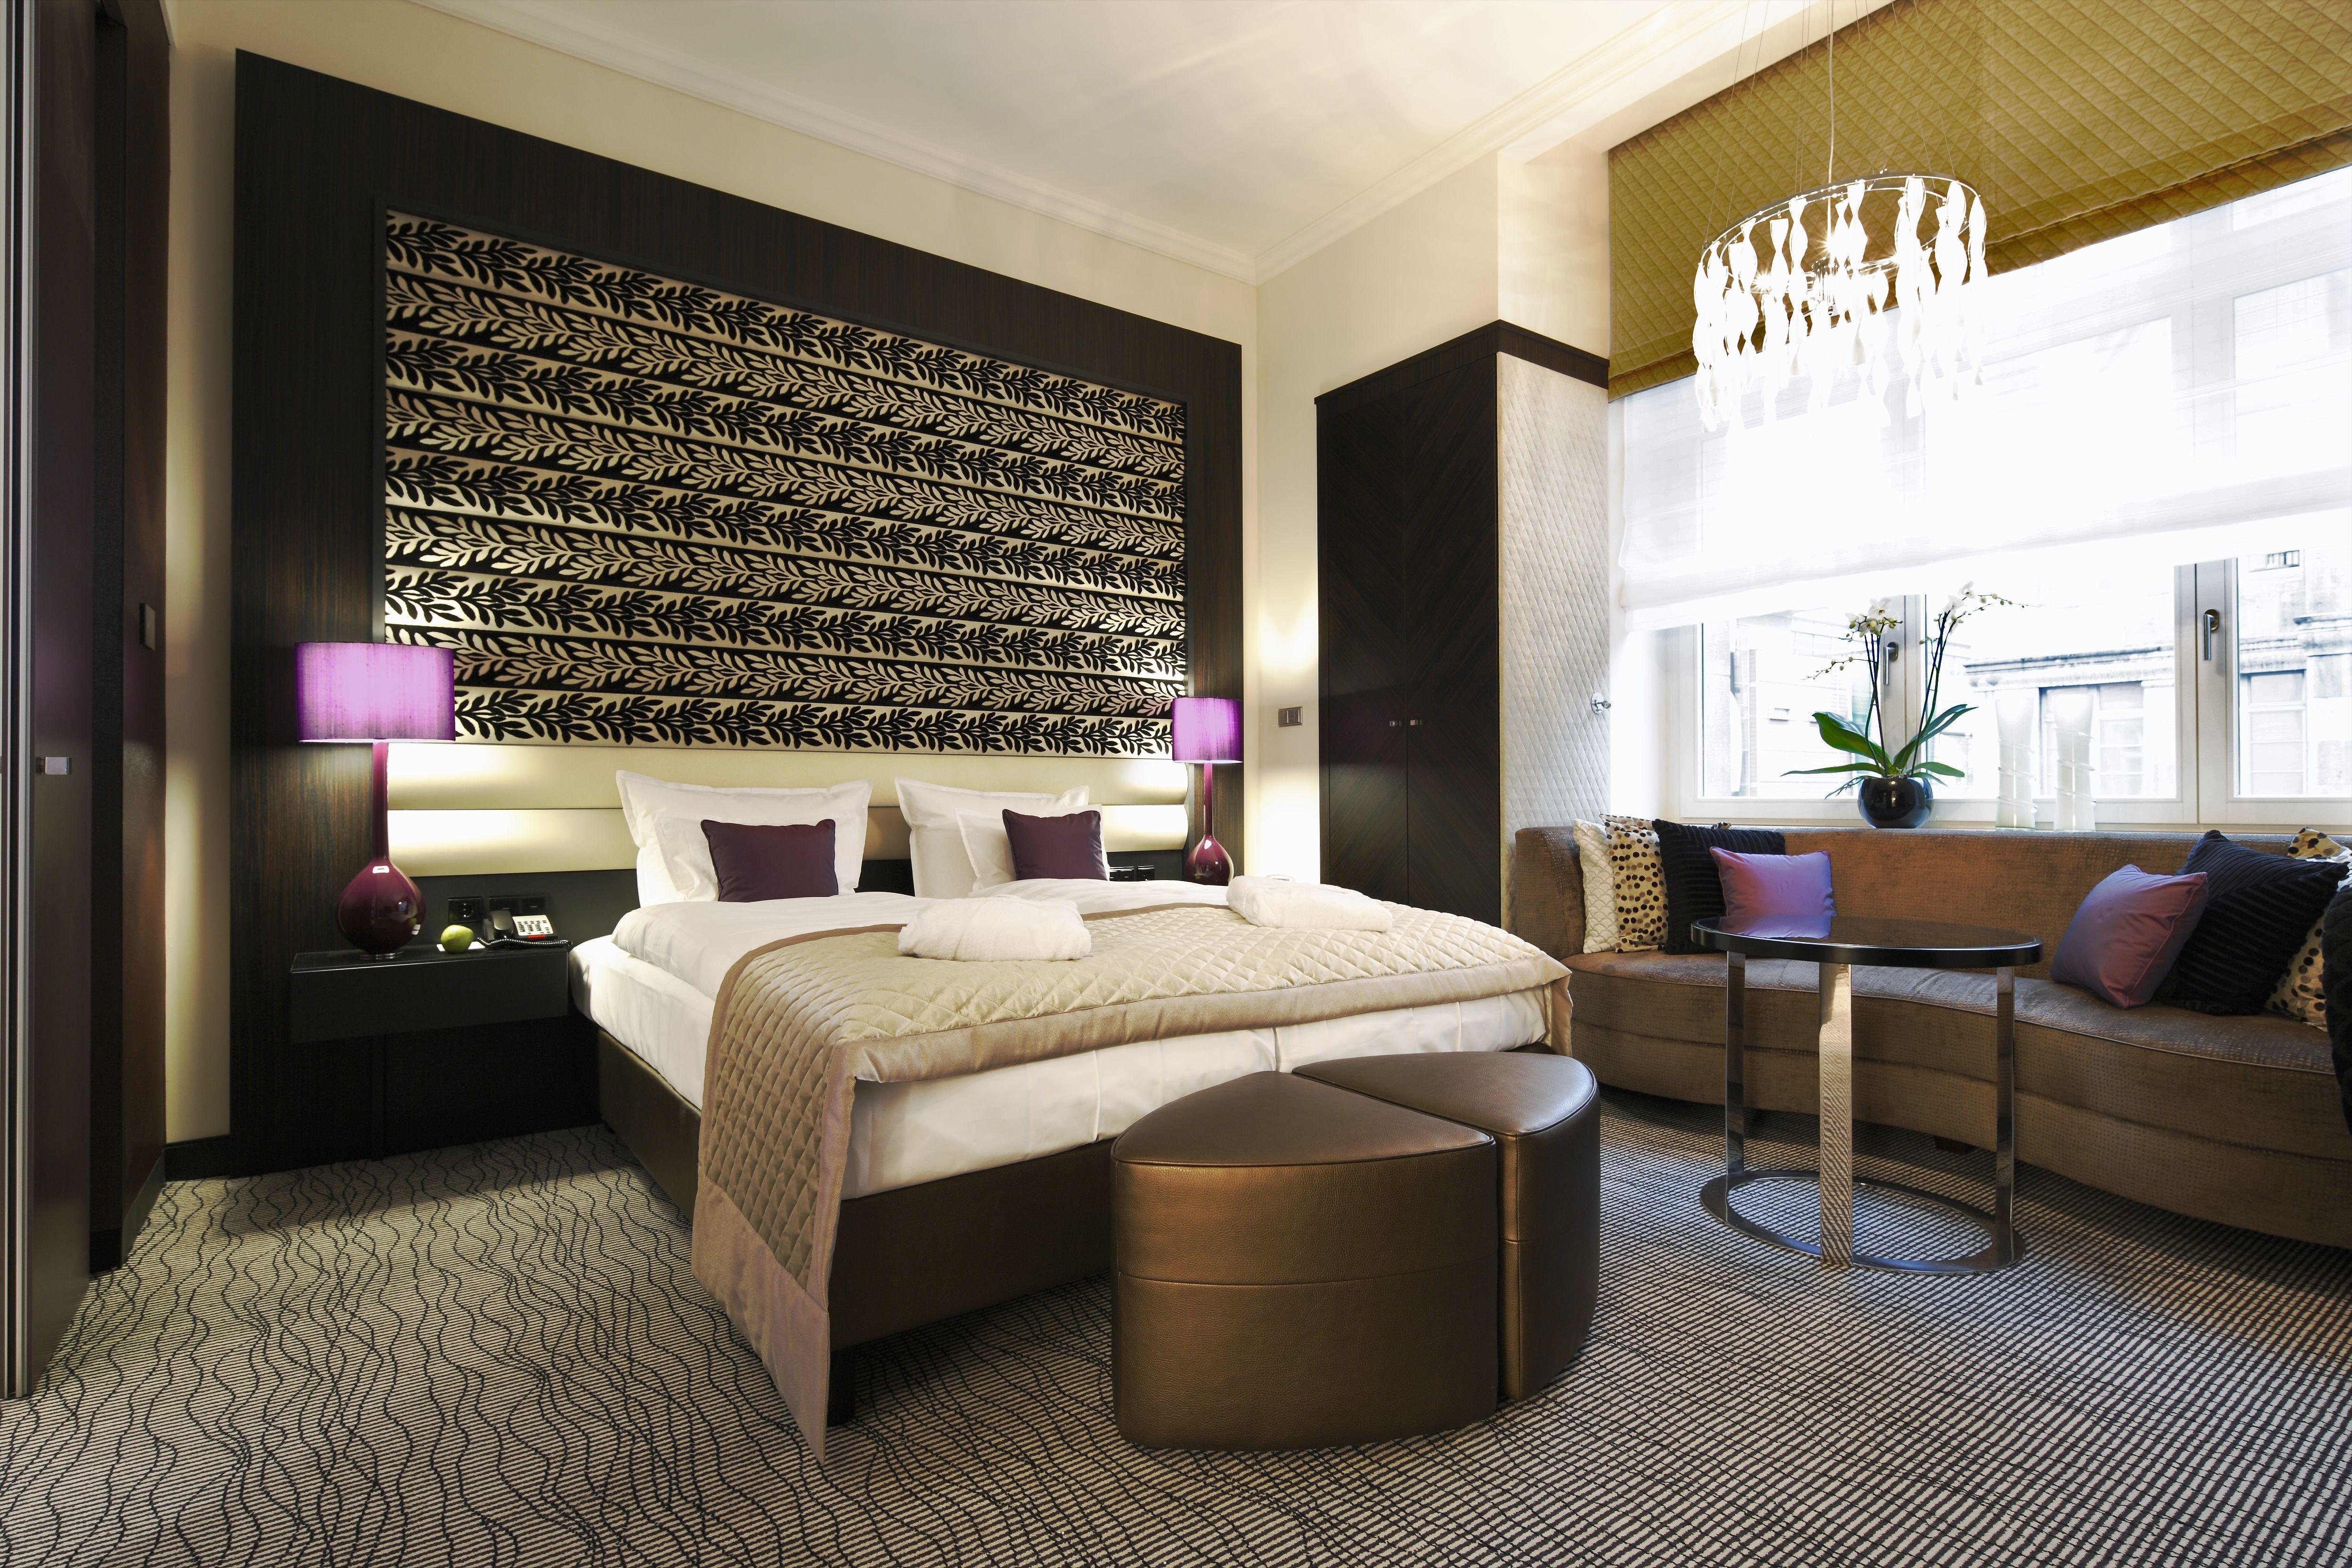 Schlafzimmer dekorieren hochzeit innenarchitektur und - Hochzeit schlafzimmer dekorieren ...